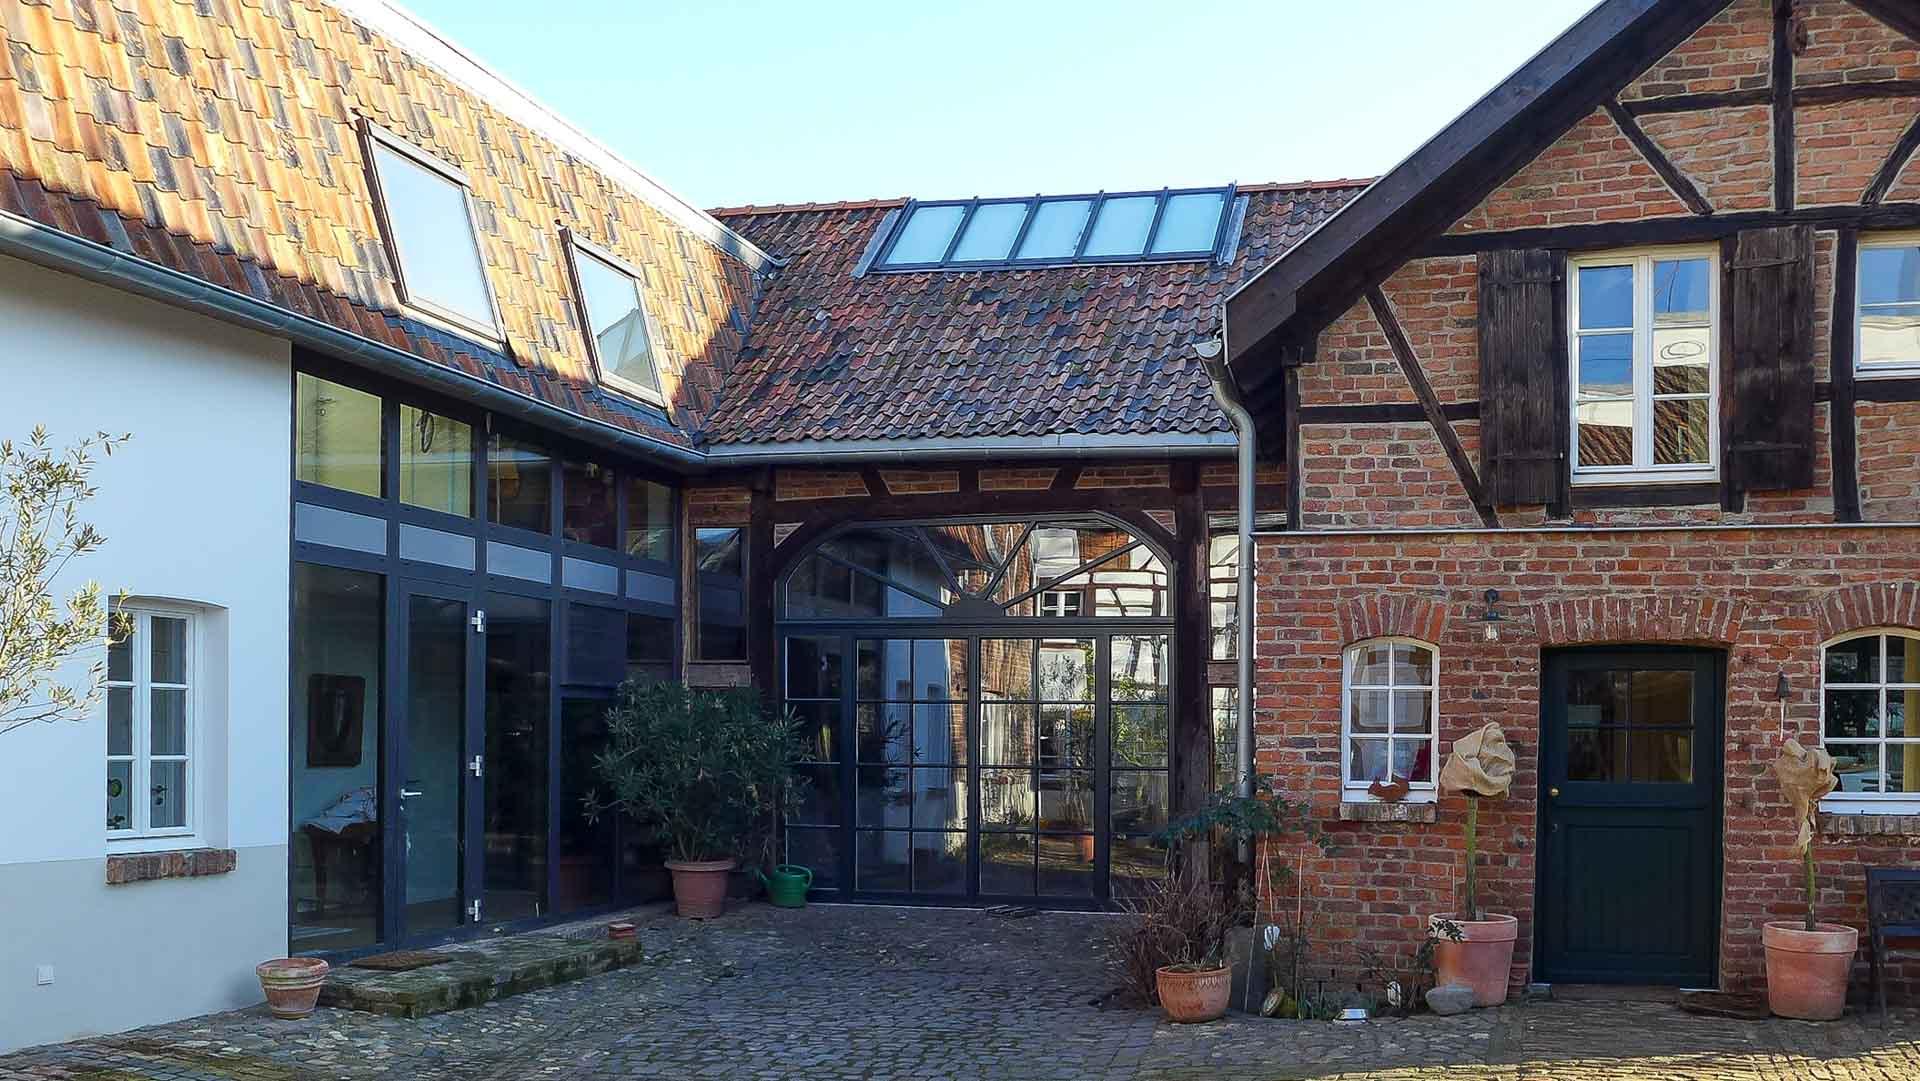 Lichtdach in Bonn (Objekt 1167). Das Lichtdach, die Glasfassaden und die Dachfenster sorgen für Lichtdurchflutung in dem historischen Gebäude.